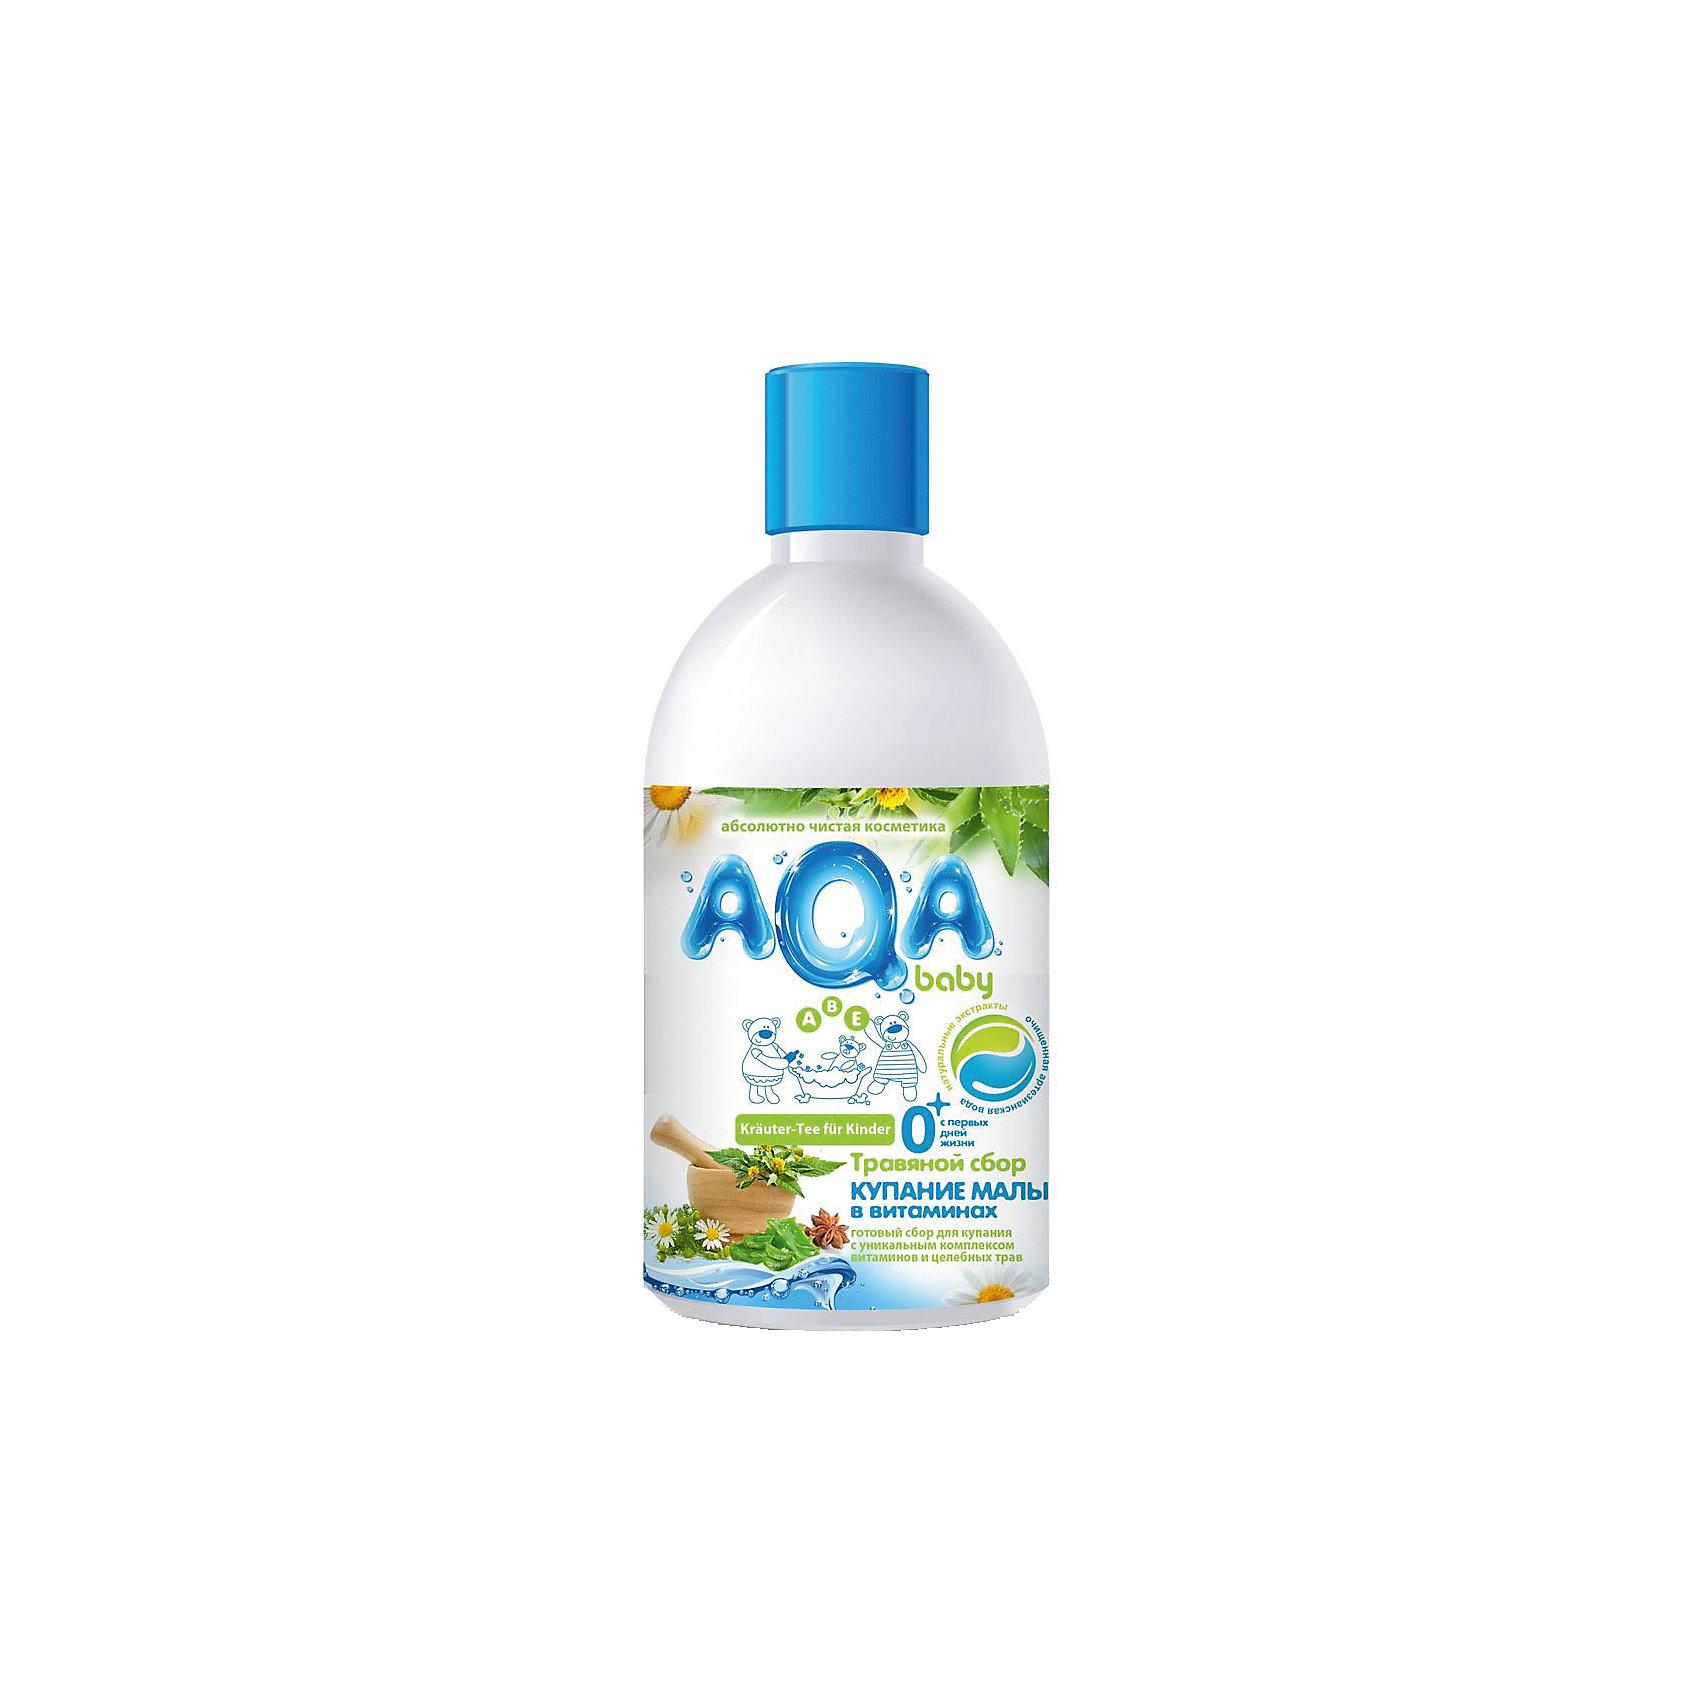 AQA baby Травяной сбор для купания малышей Купание в витаминах, AQA baby, 300 мл средство для купания aqa baby травяной сбор сладкий сон 300 мл